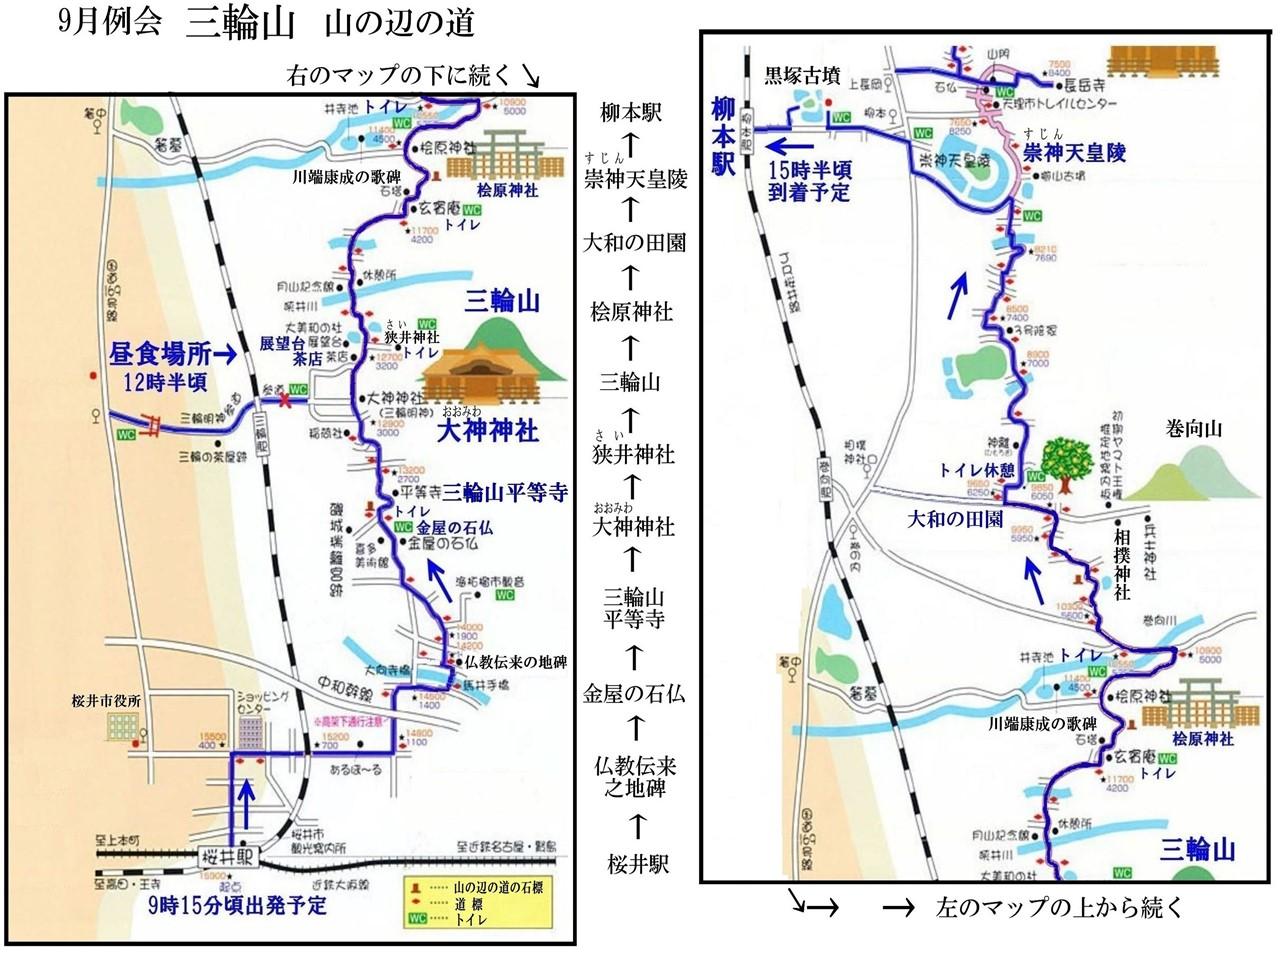 01a 山の辺の道マップ